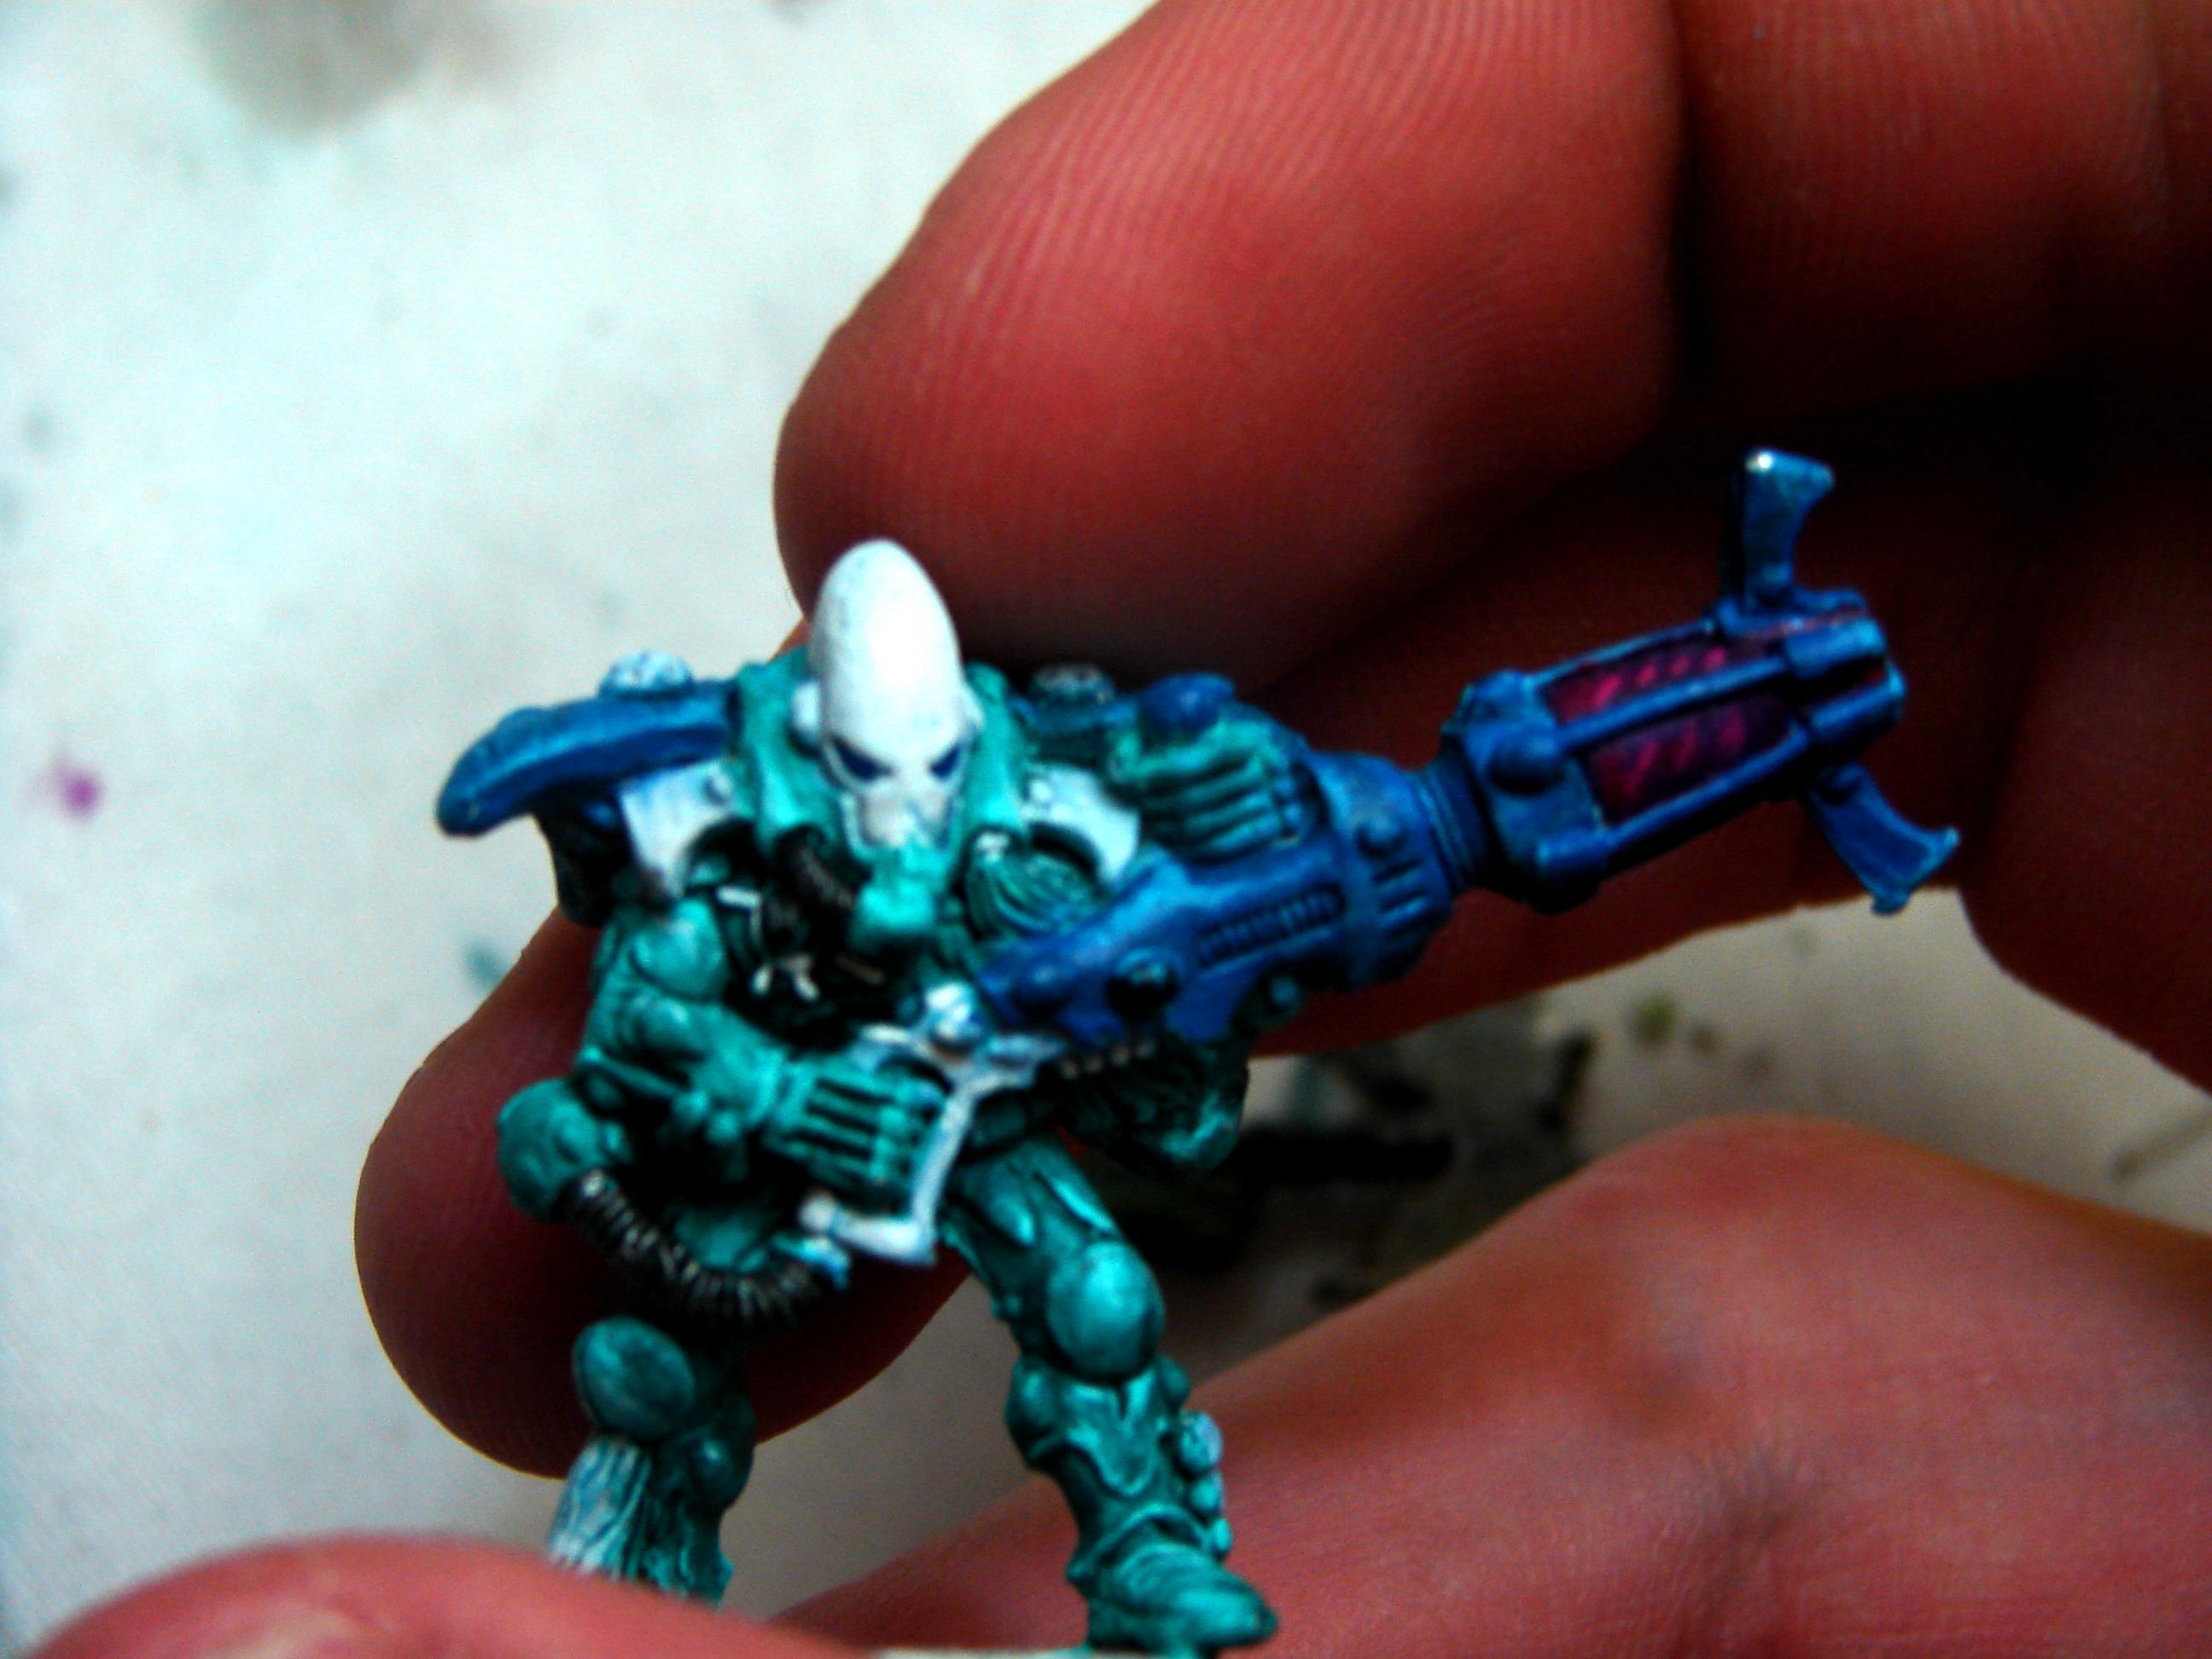 Blurred Photo, Eldar, Warhammer 40,000, Warp Spider